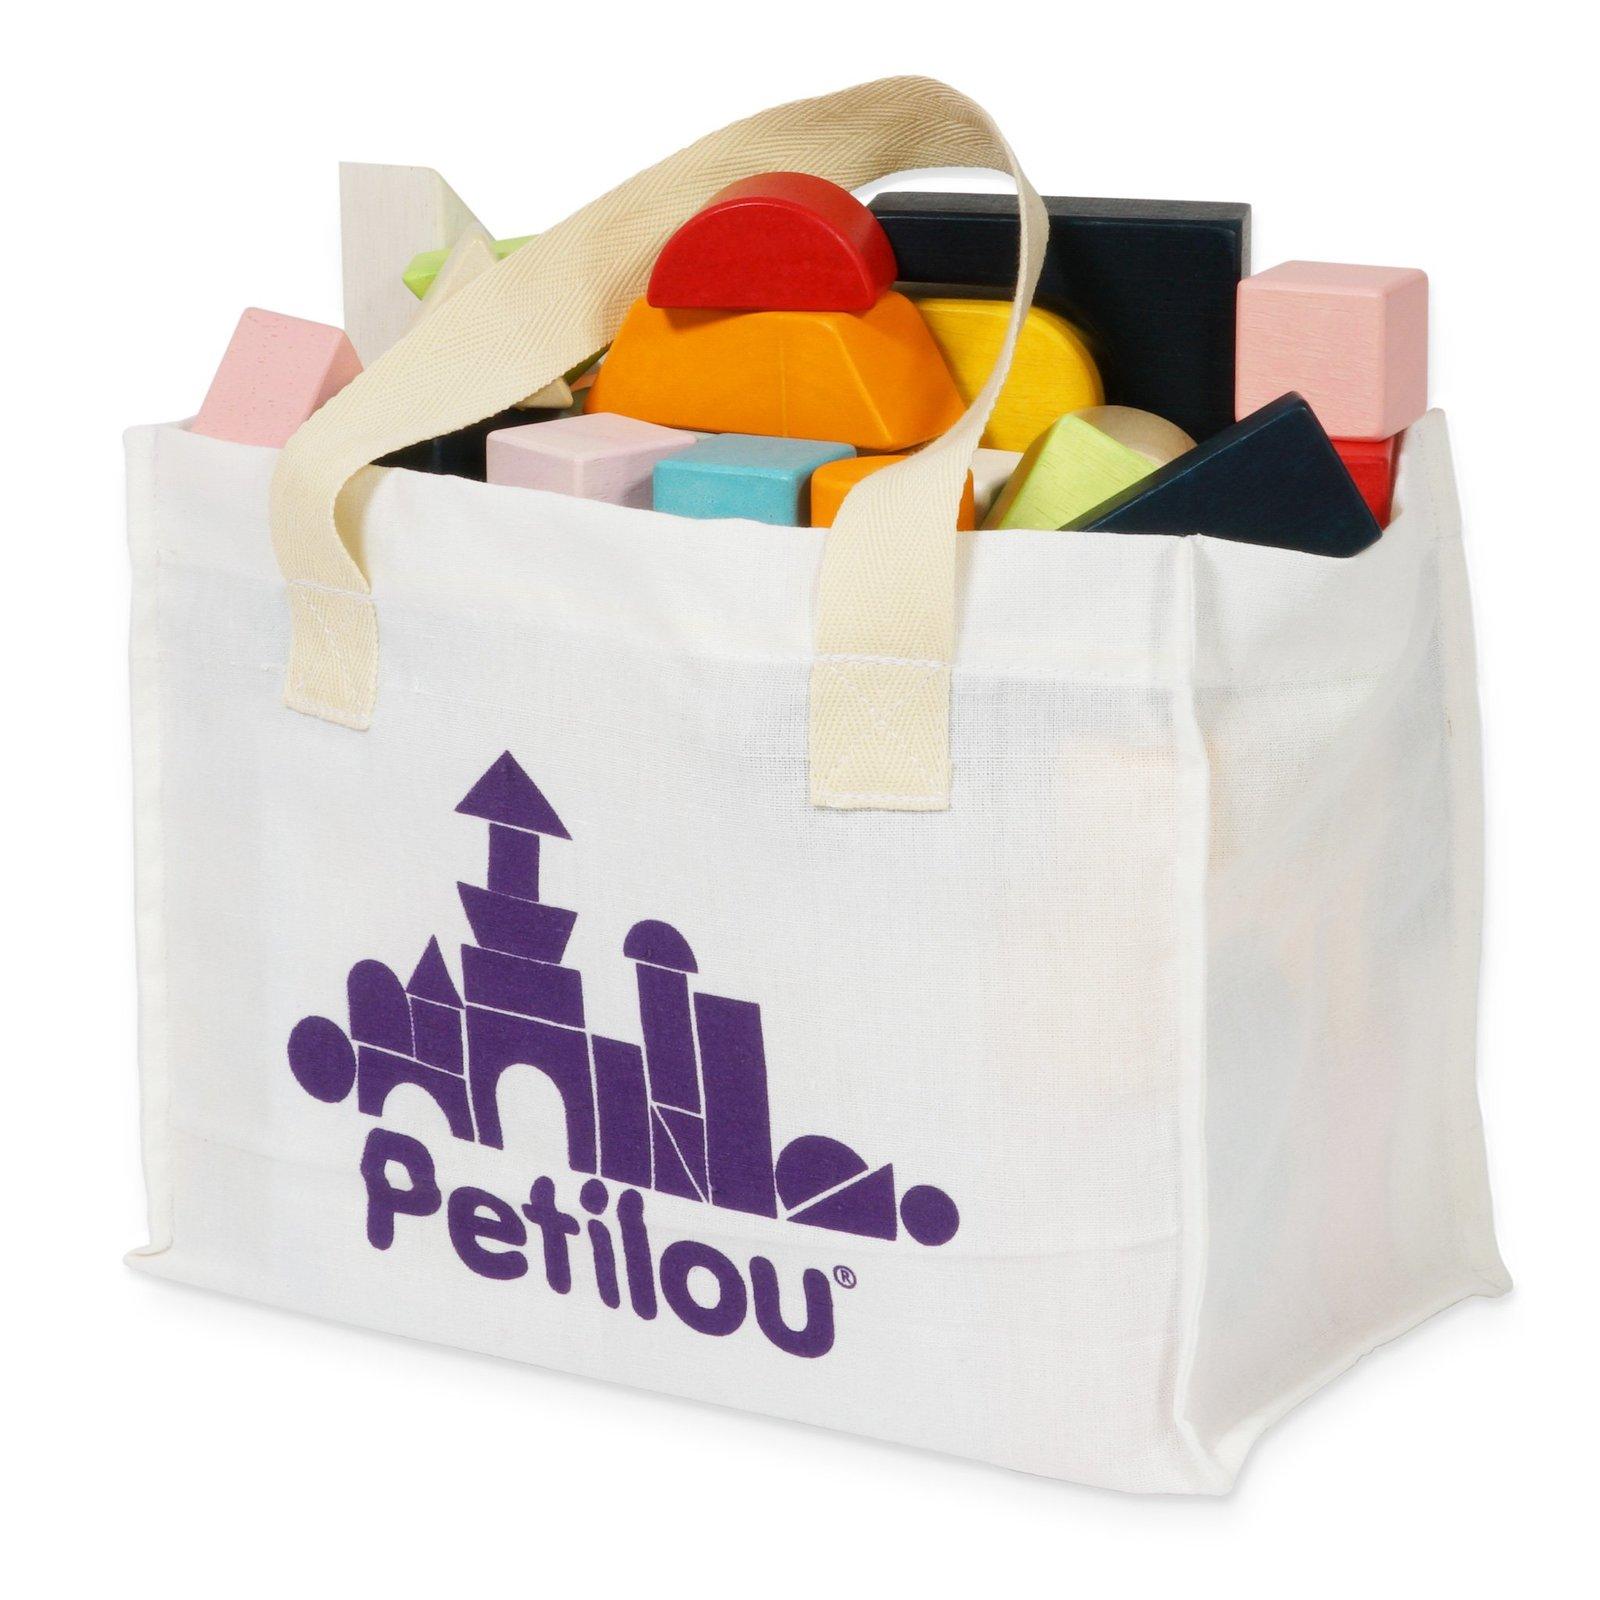 Le Toy Van - Building Blocks & Cotton Bag (60-pc) image